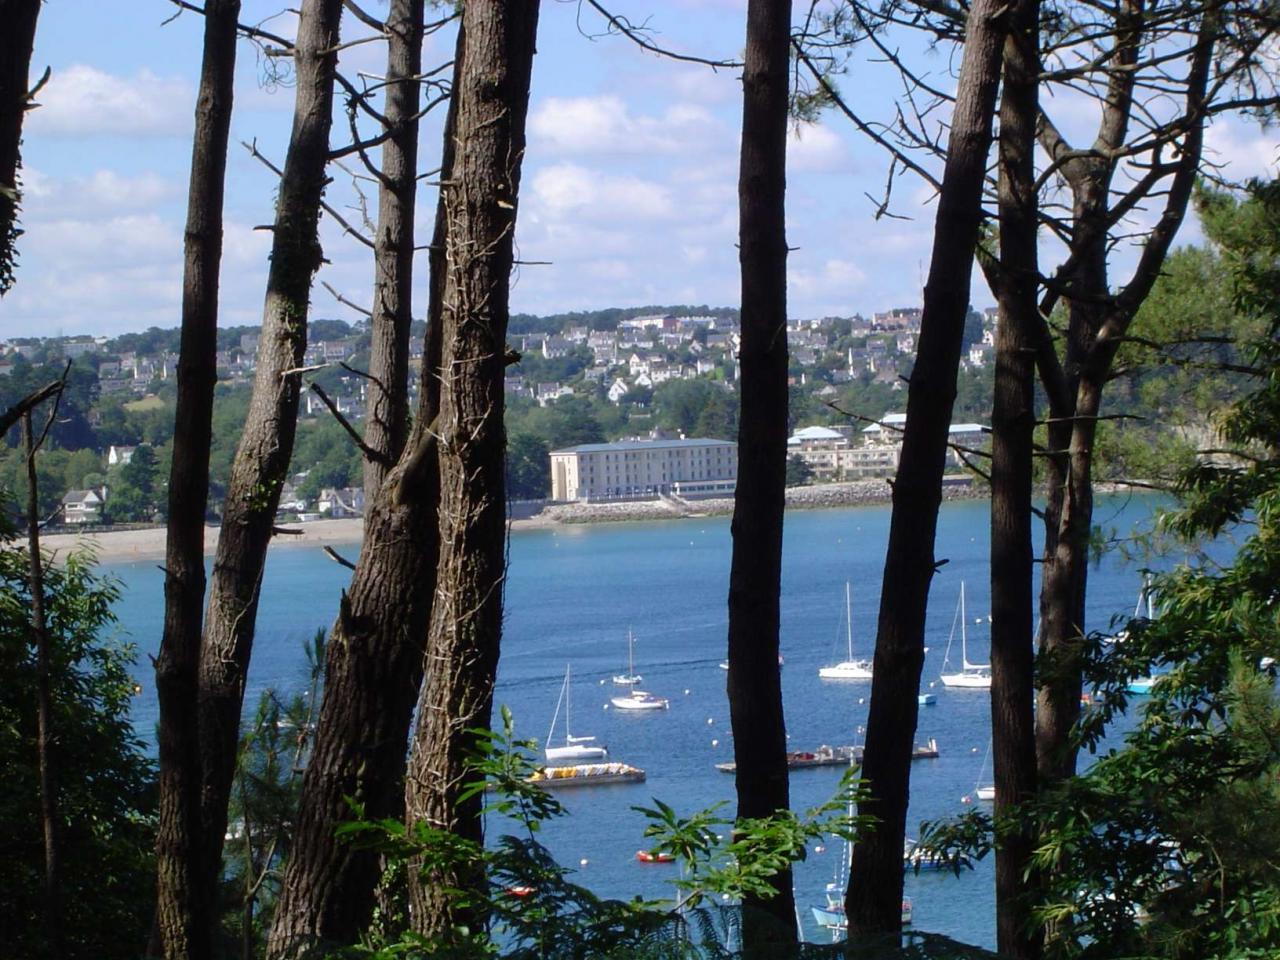 L'hôtel de la mer du bois